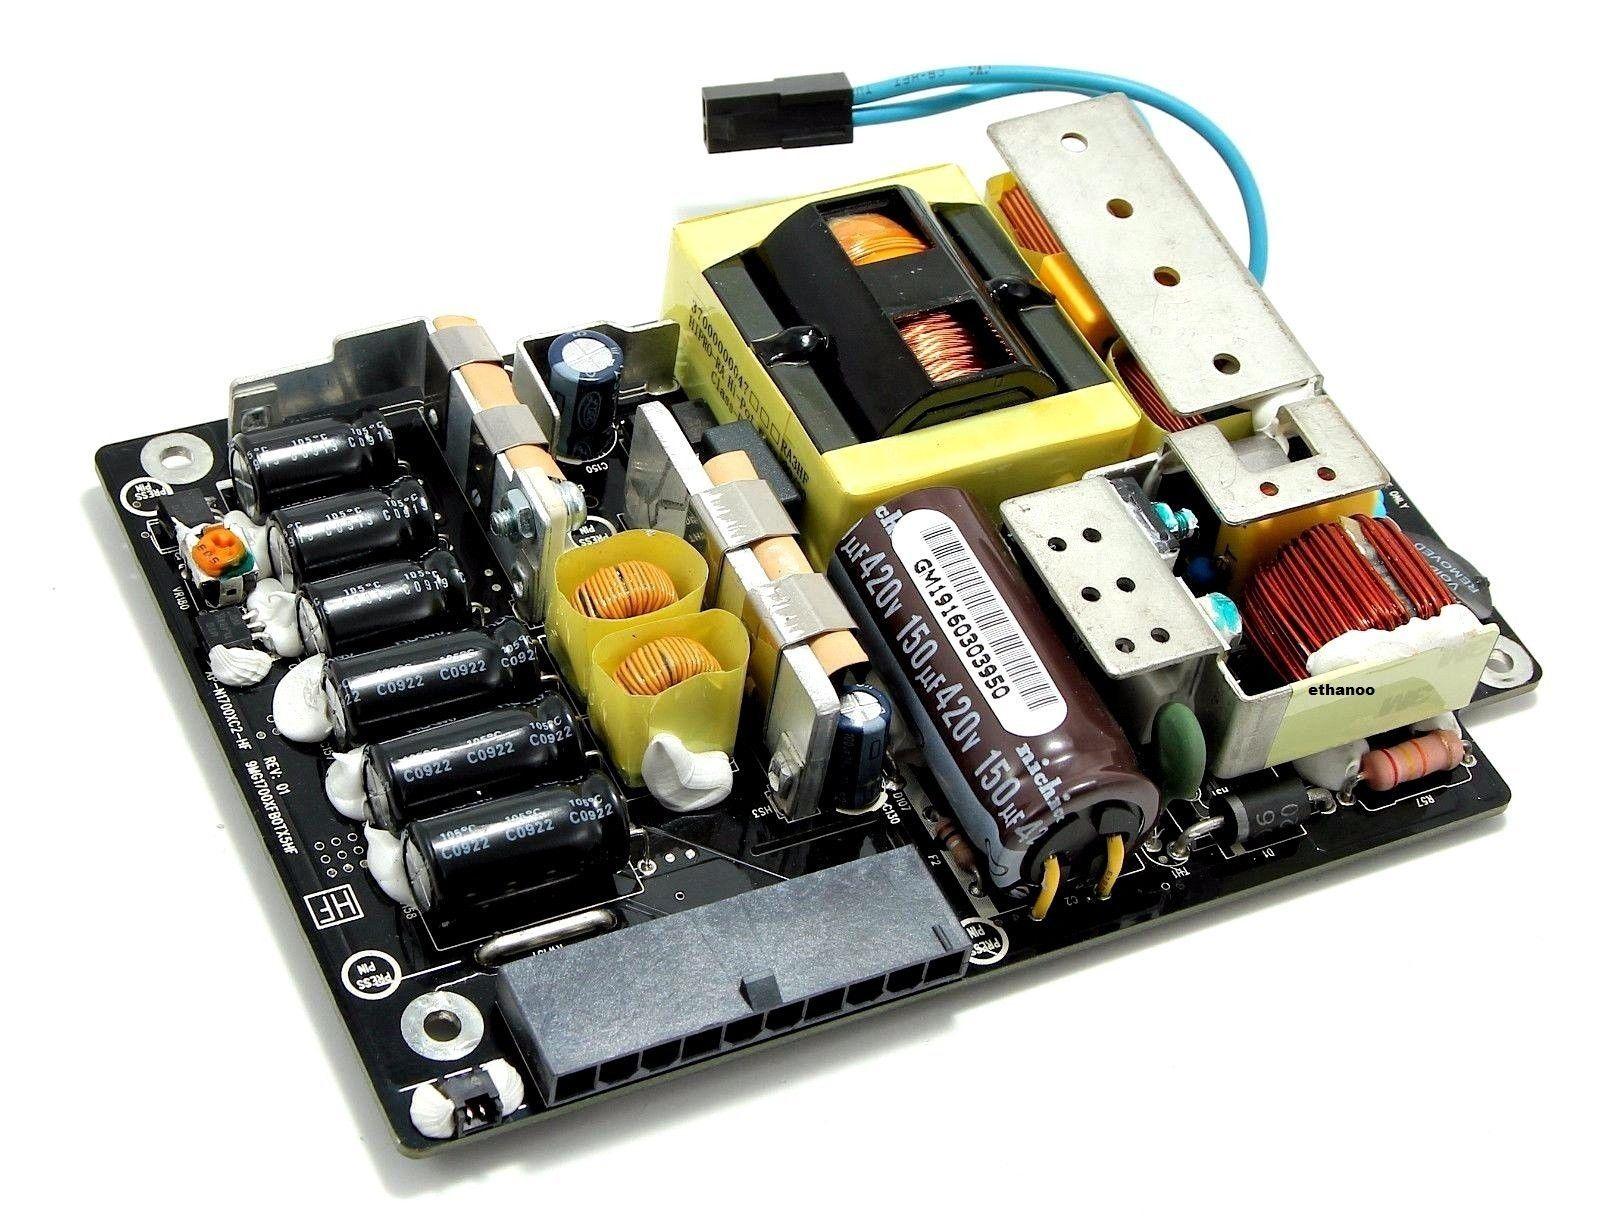 Bo nguồn Apple iMac A1224 20inch 2007 2008 2009 PSU Power Supply Board HP-N1700XC ADP-170AF-B 614-0421, 614-0438, 614-0415